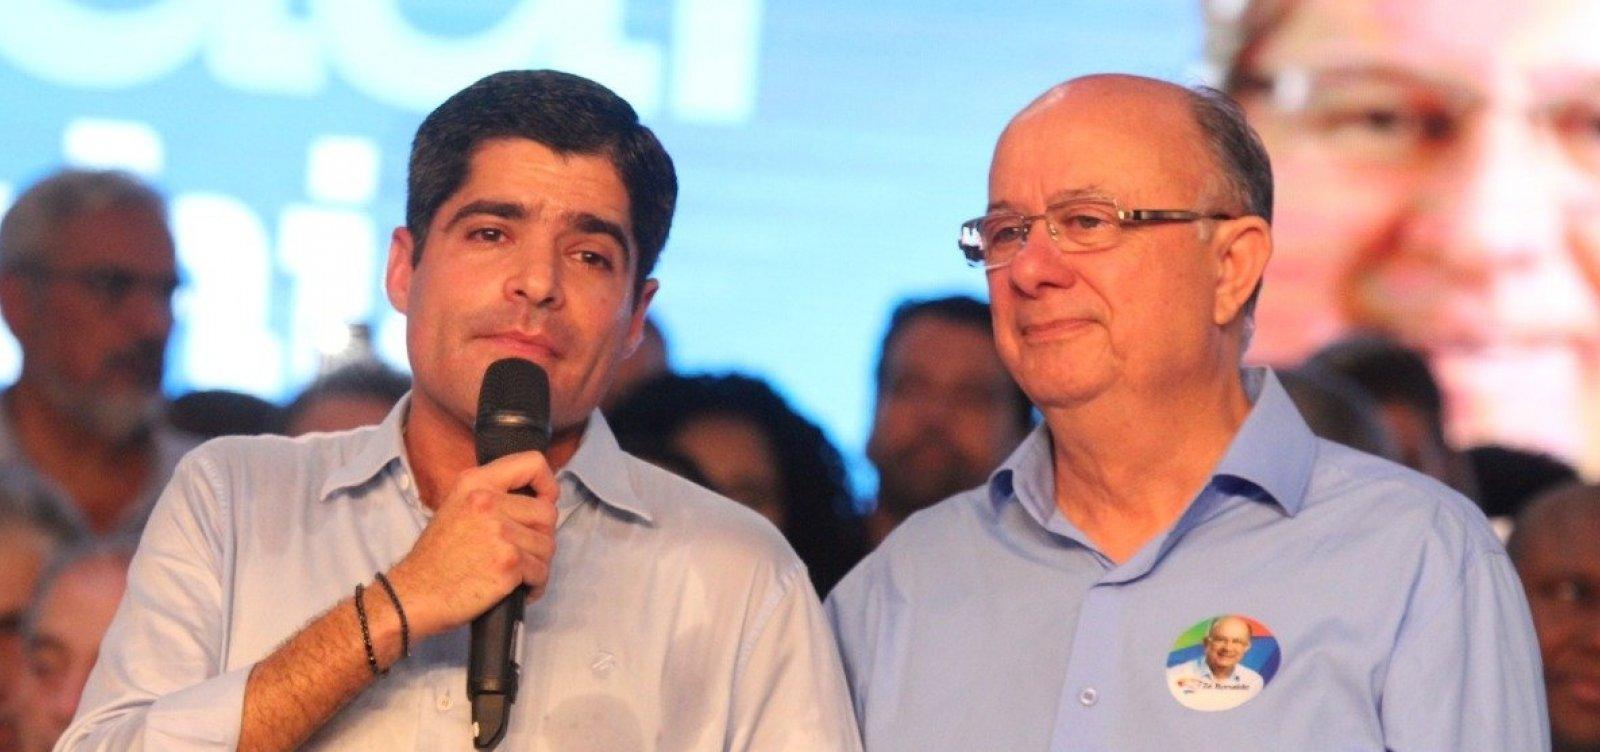 Após traição, Neto não irá a último debate com Ronaldo para acompanhar Alckmin no RJ